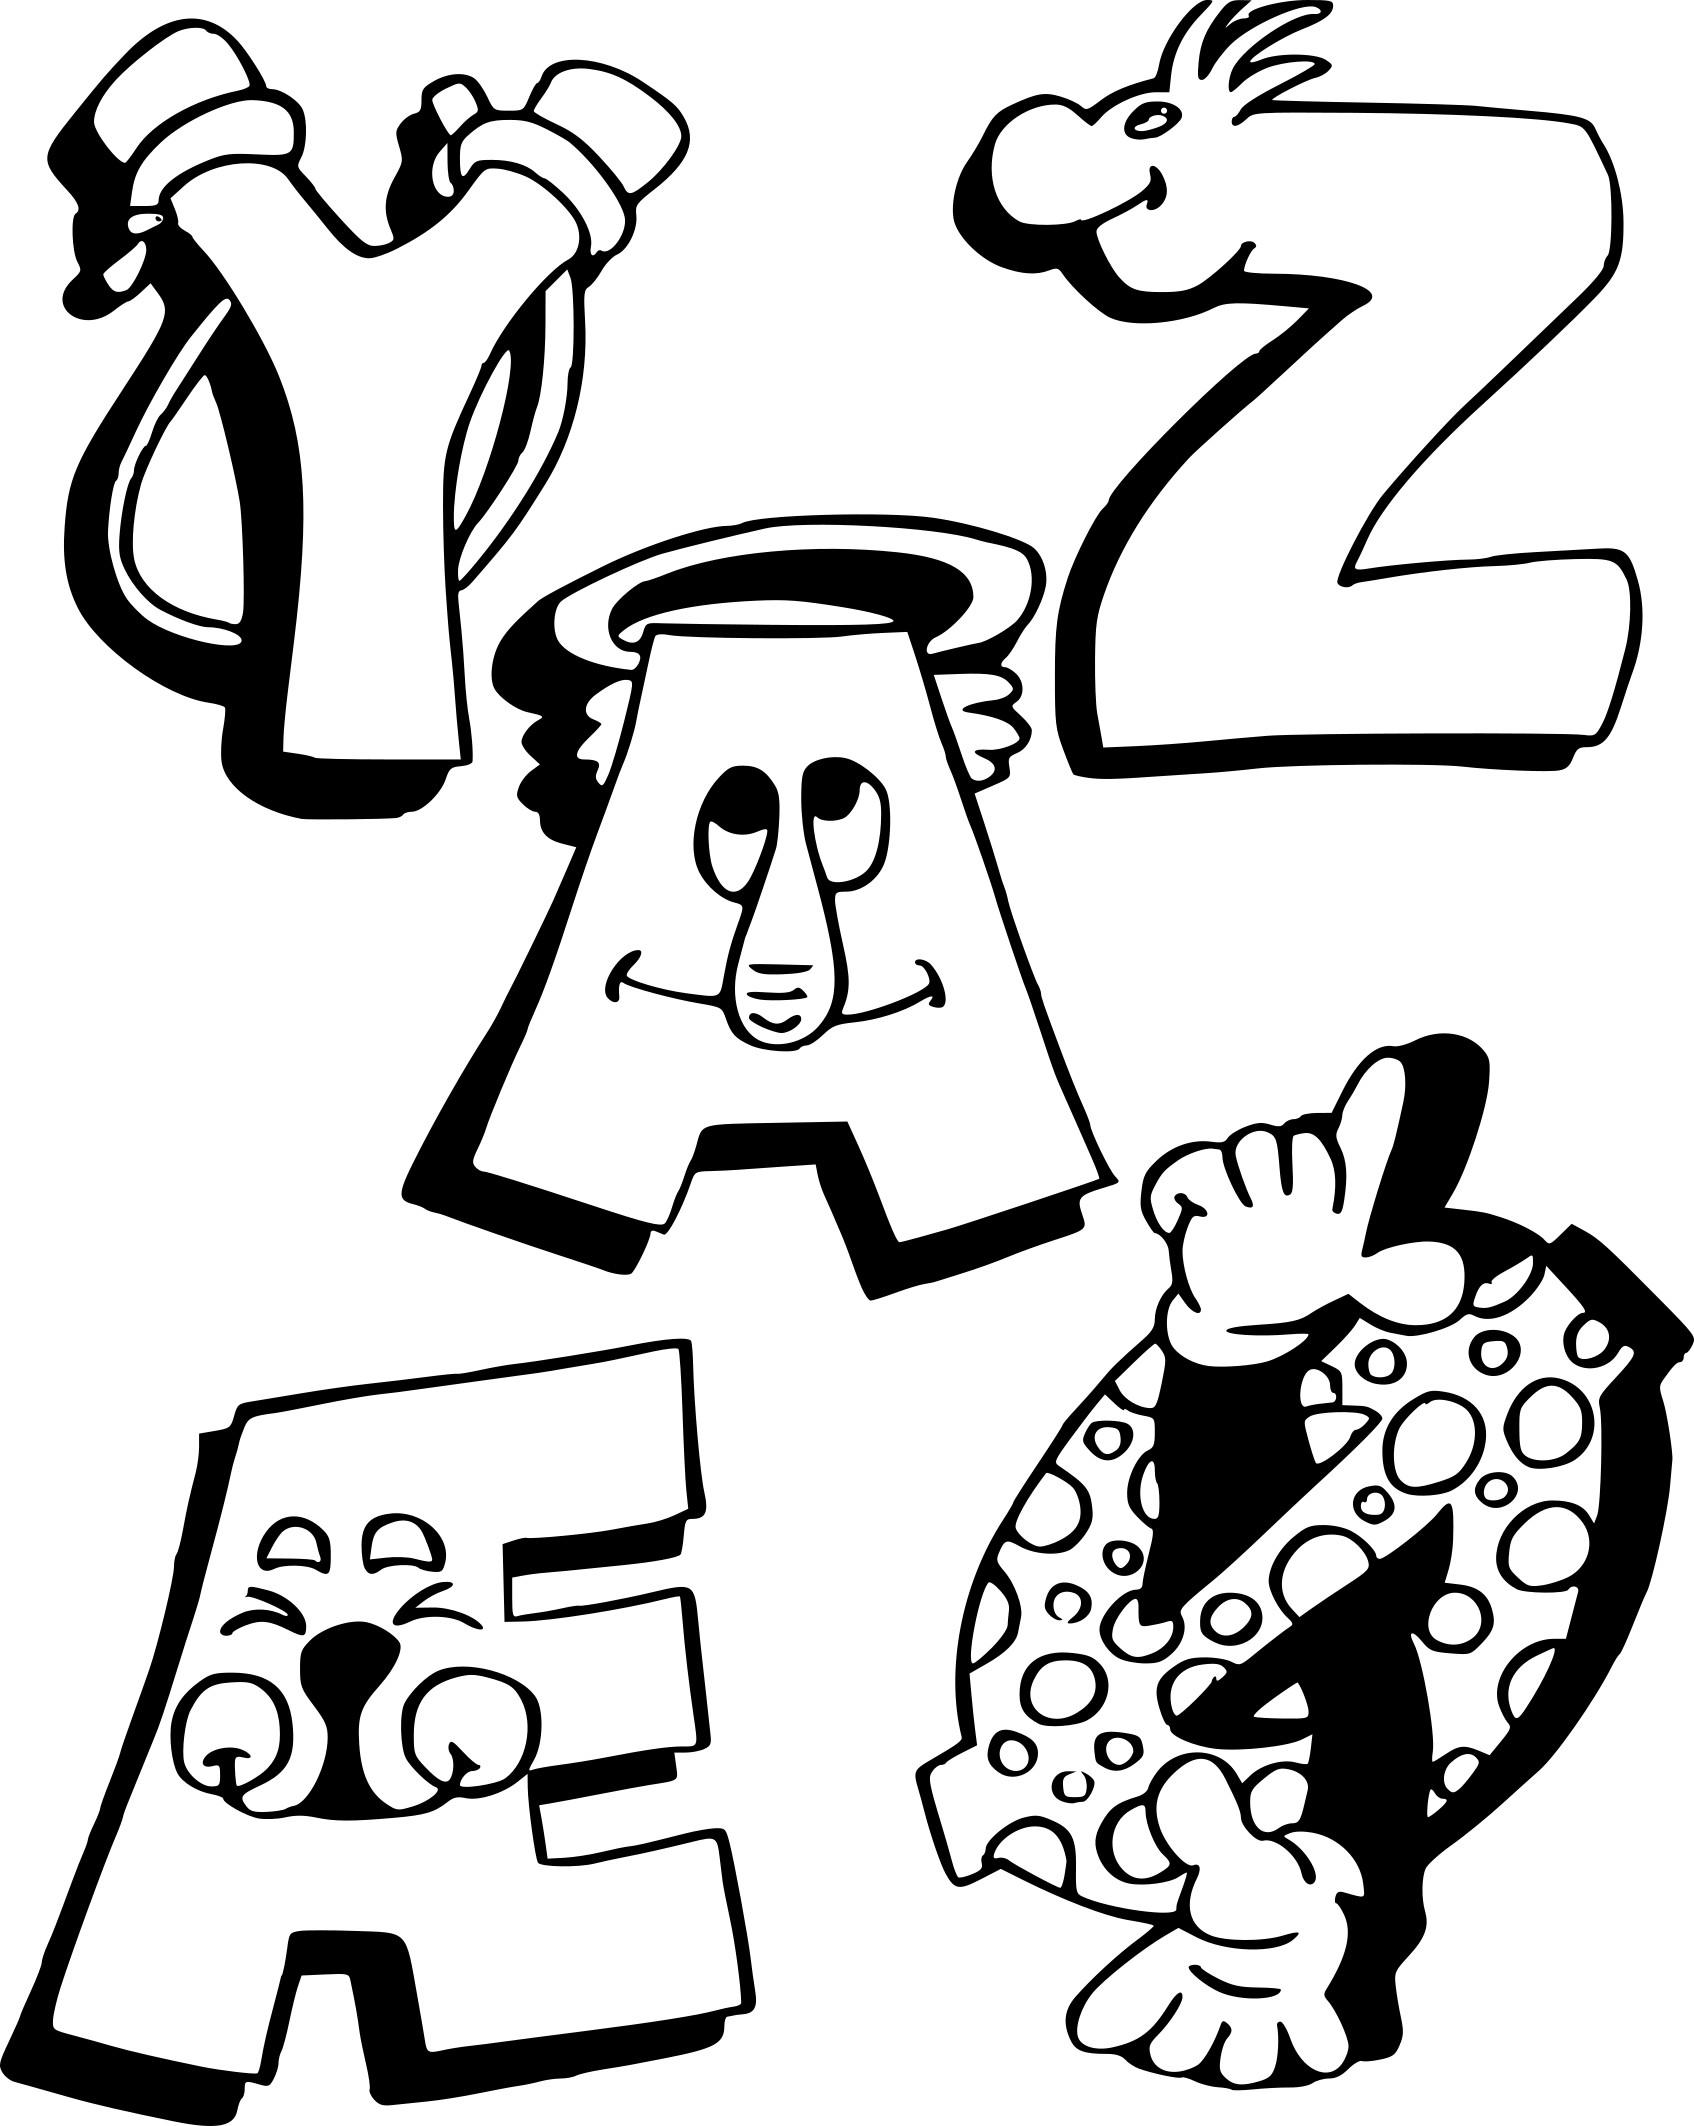 Coloriage Alphabet Rigolo 224 Imprimer